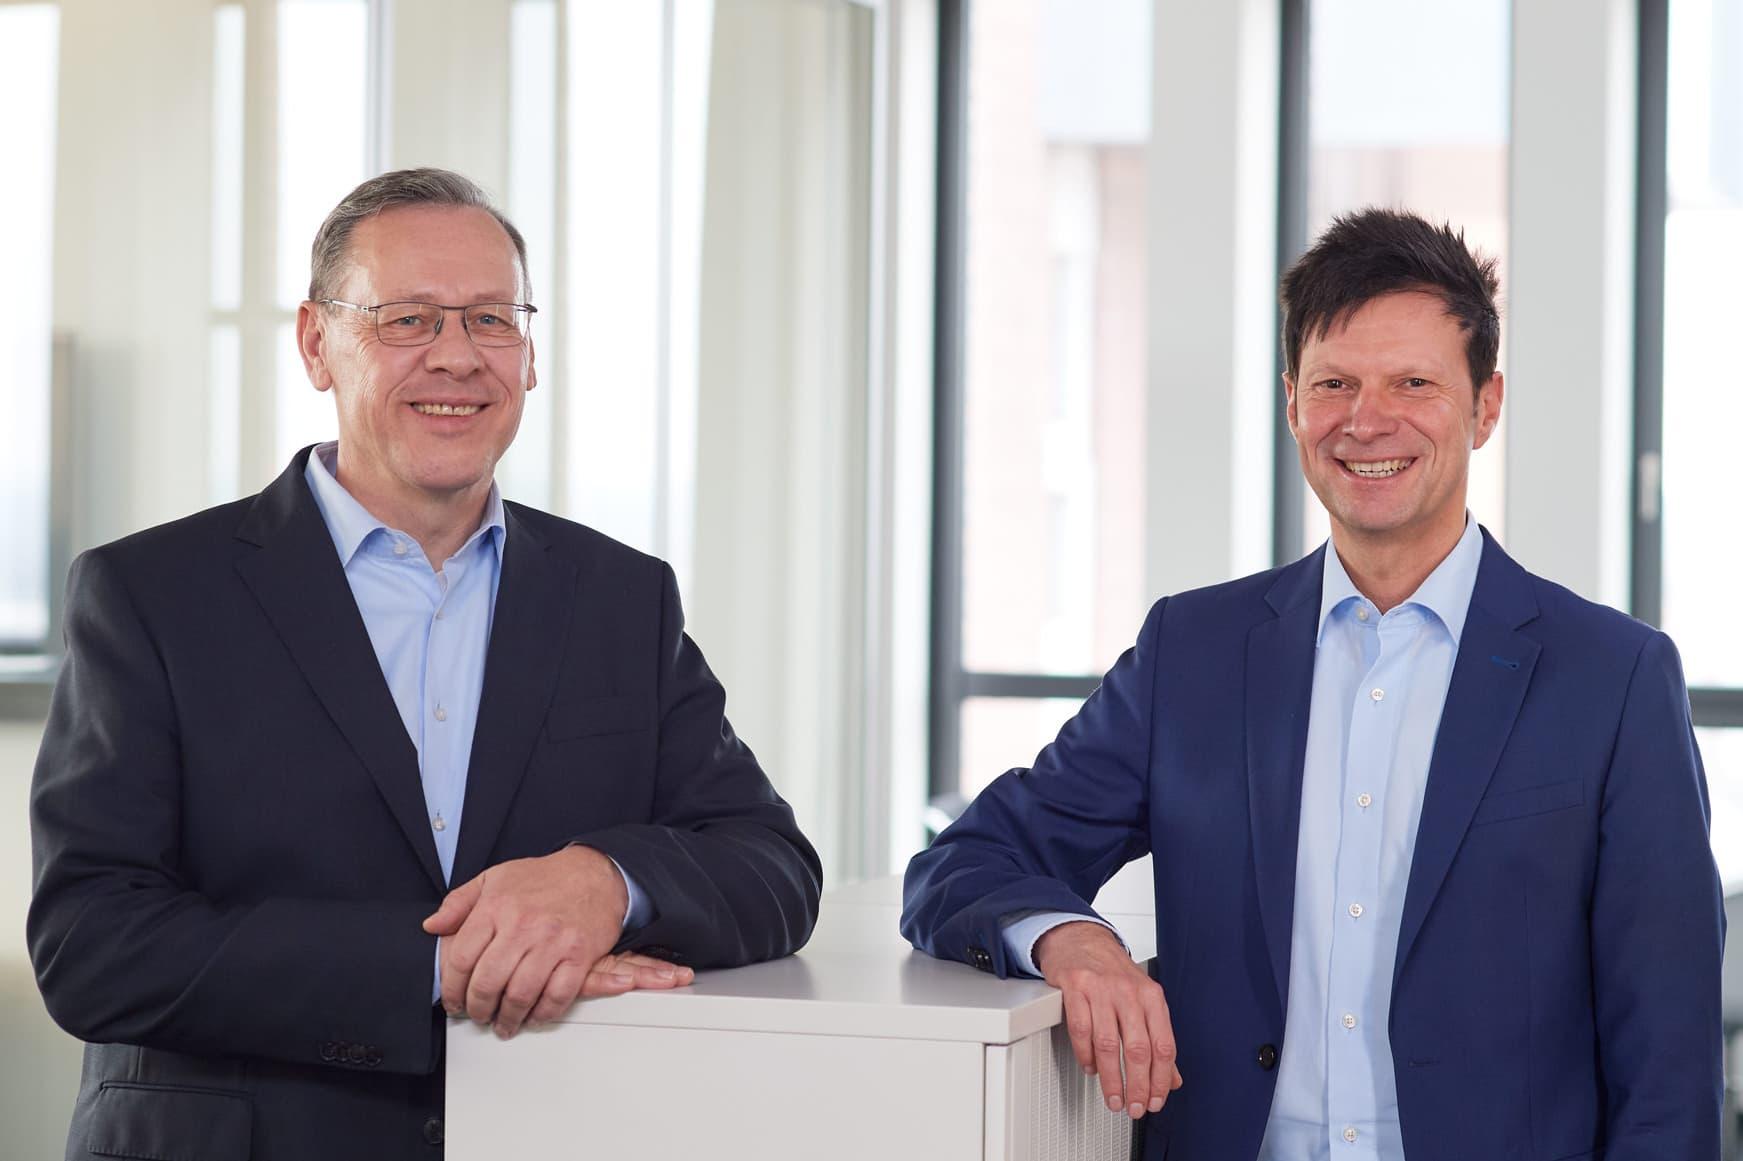 Freudiges Portrait zweier Geschäftsführer in ihren Büroräumen